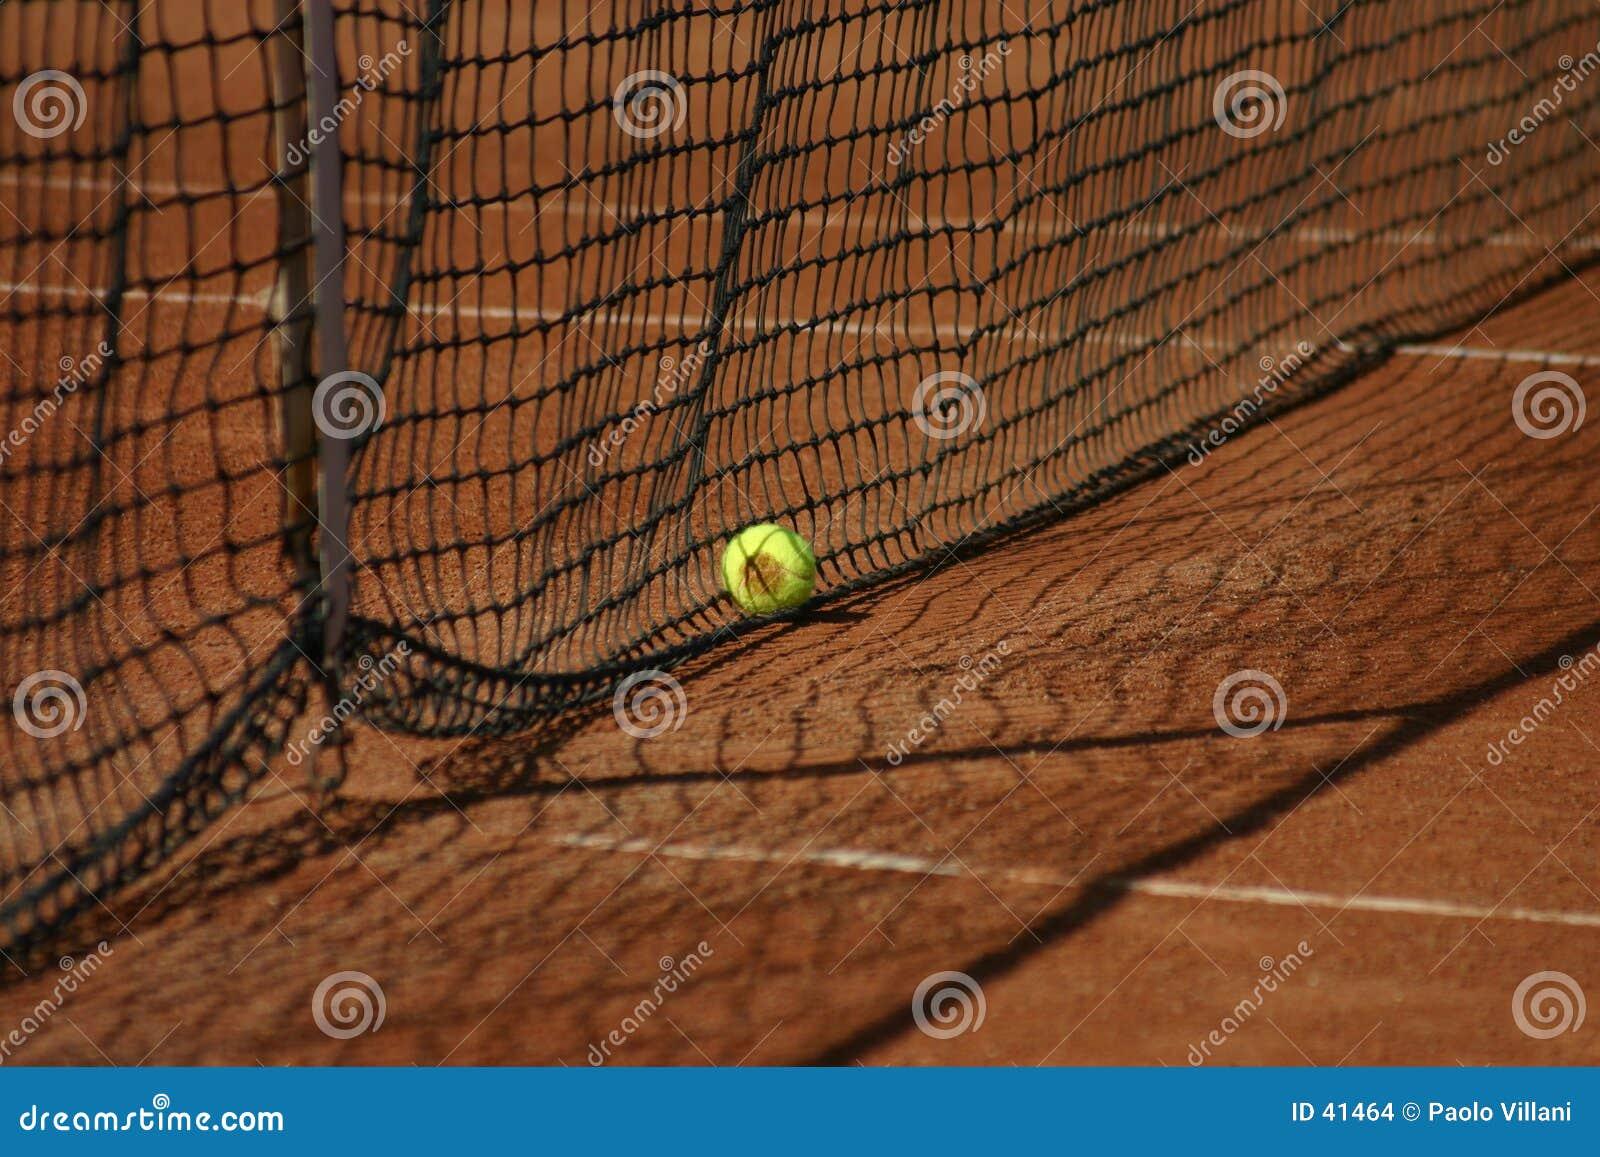 Réseau et bille de tennis